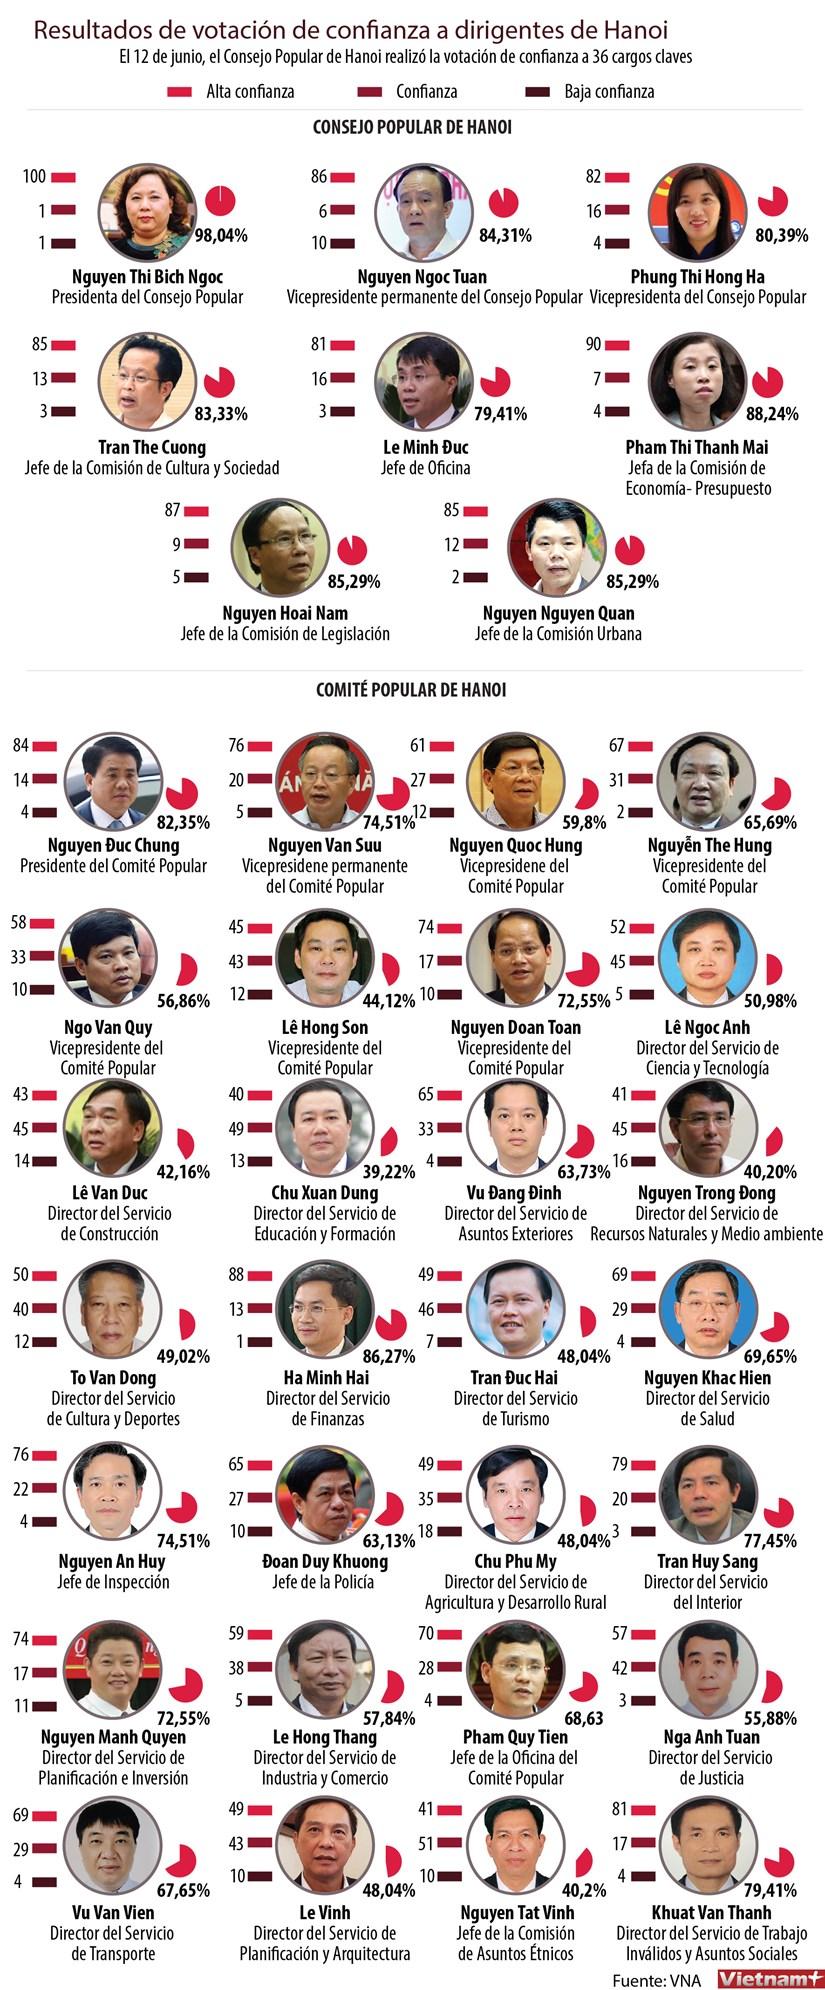 Resultados de la votacion de confianza a dirigentes de Hanoi hinh anh 1